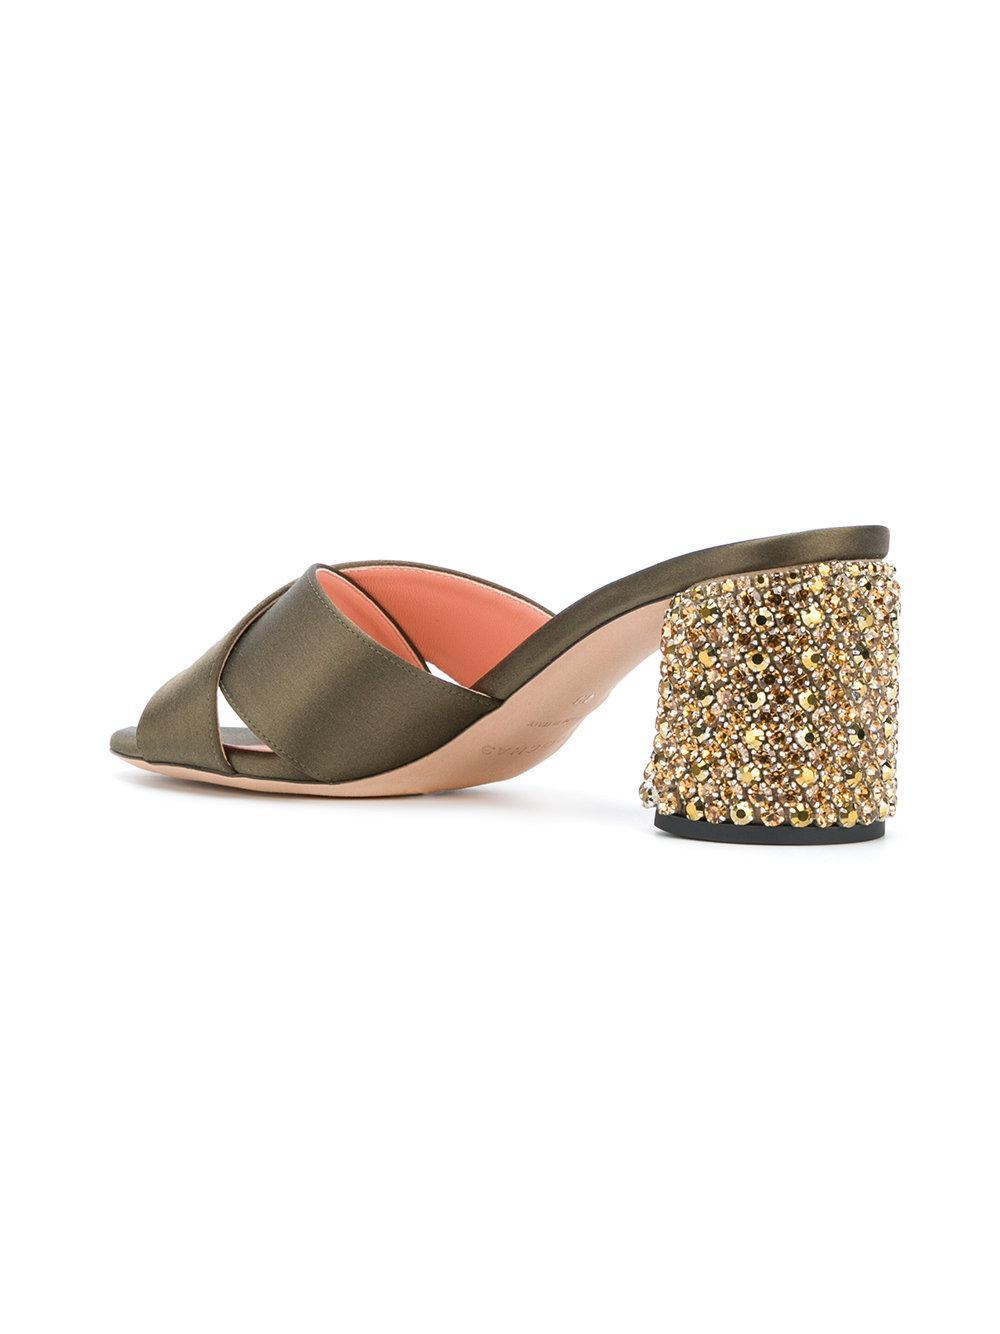 cross strap embellished sandals - Green Rochas AFdkdn